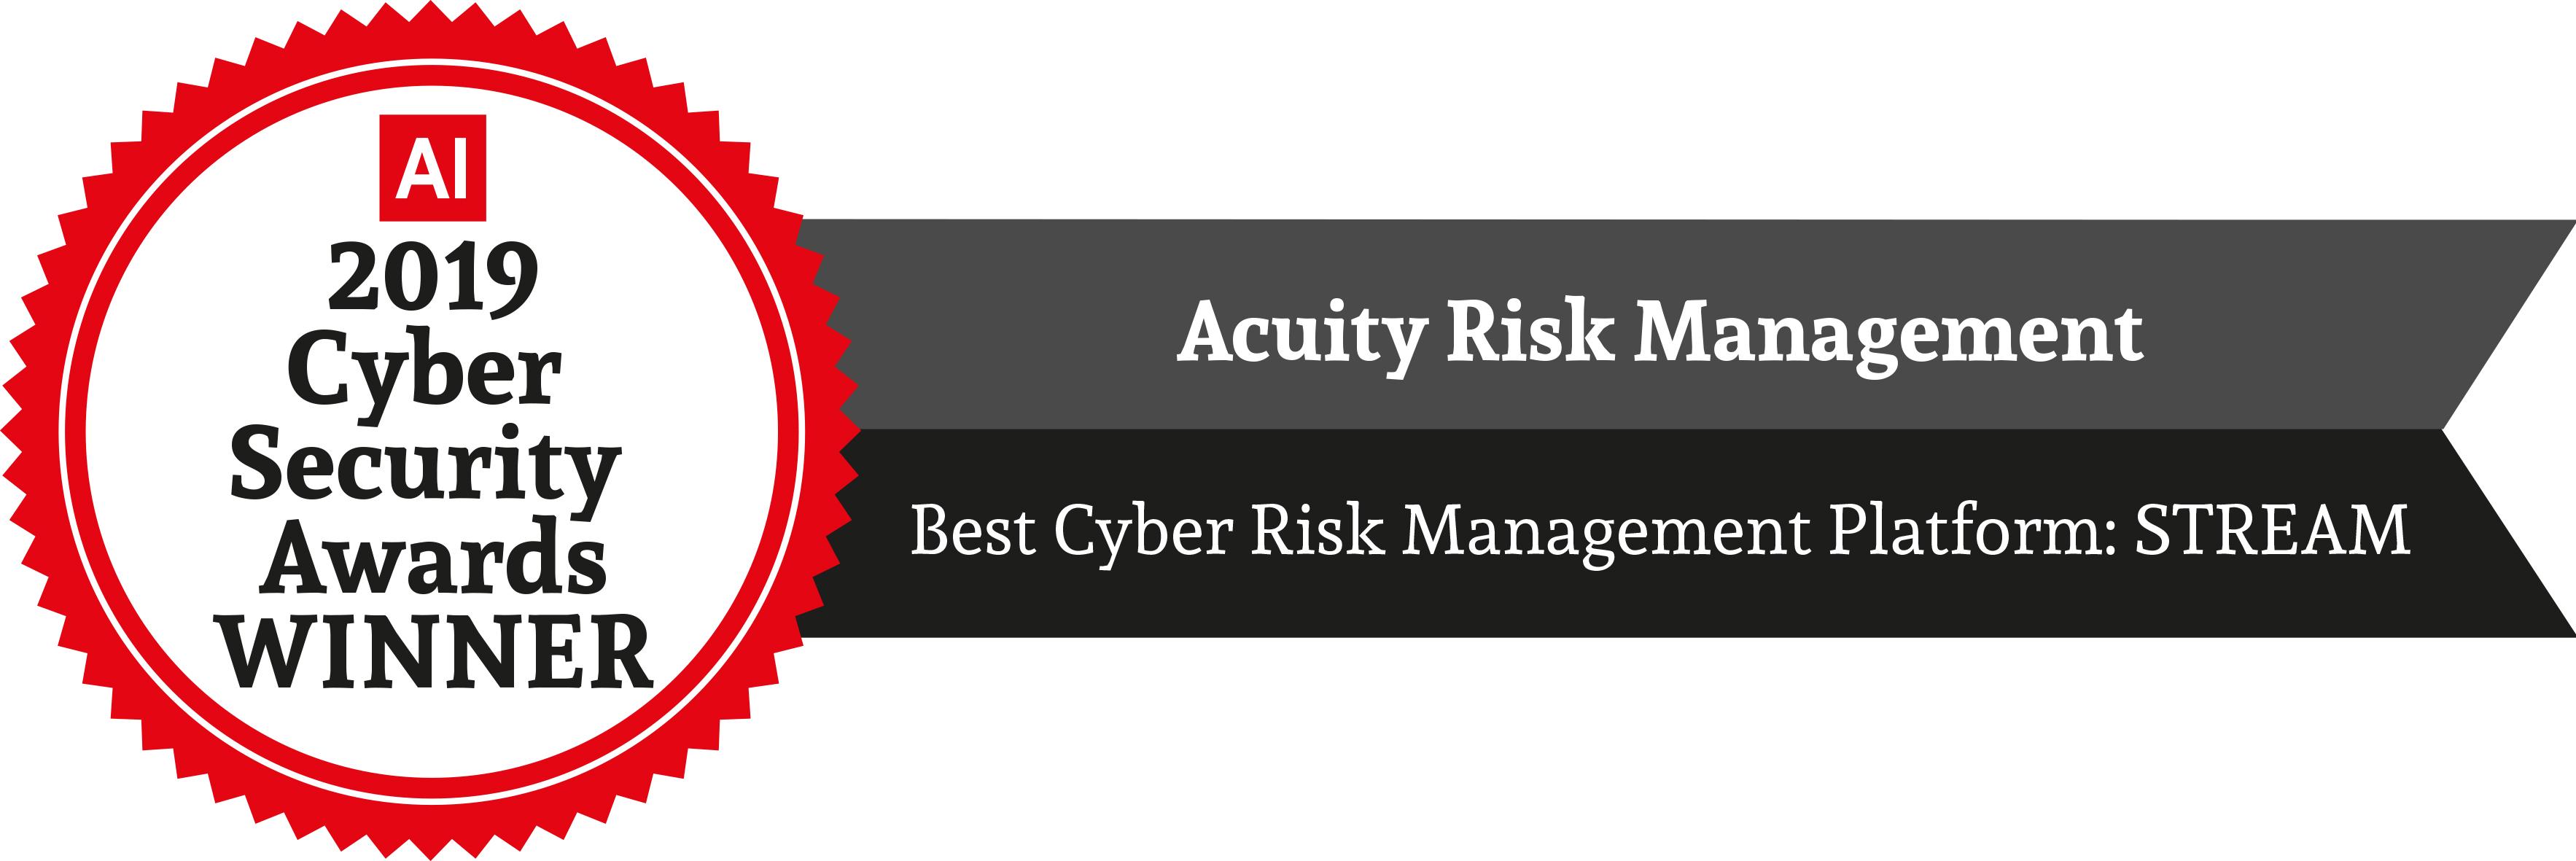 Best Cyber Risk Management Platform 2019